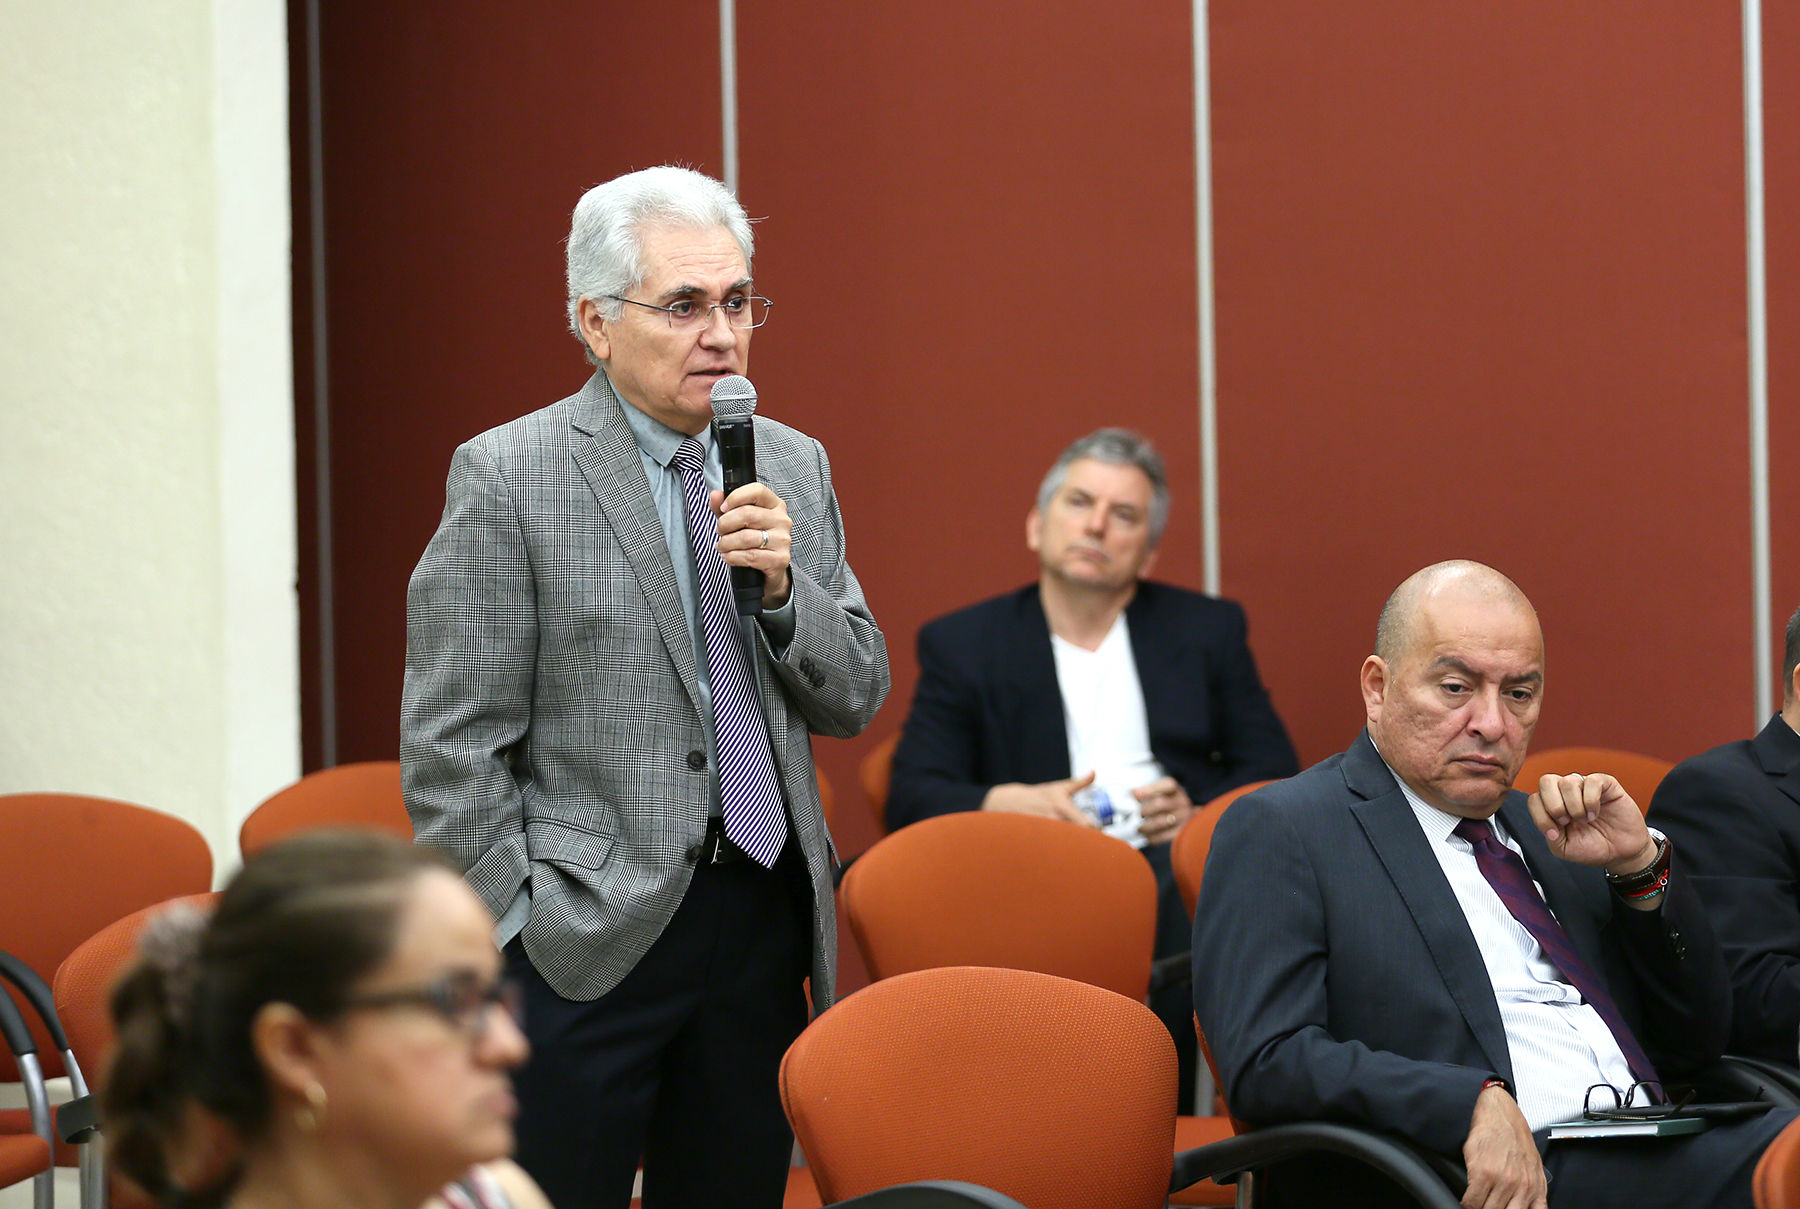 Mario César Salinas dijo que los recortes al presupuesto ponen en riesgo los posgrados a nivel nacional